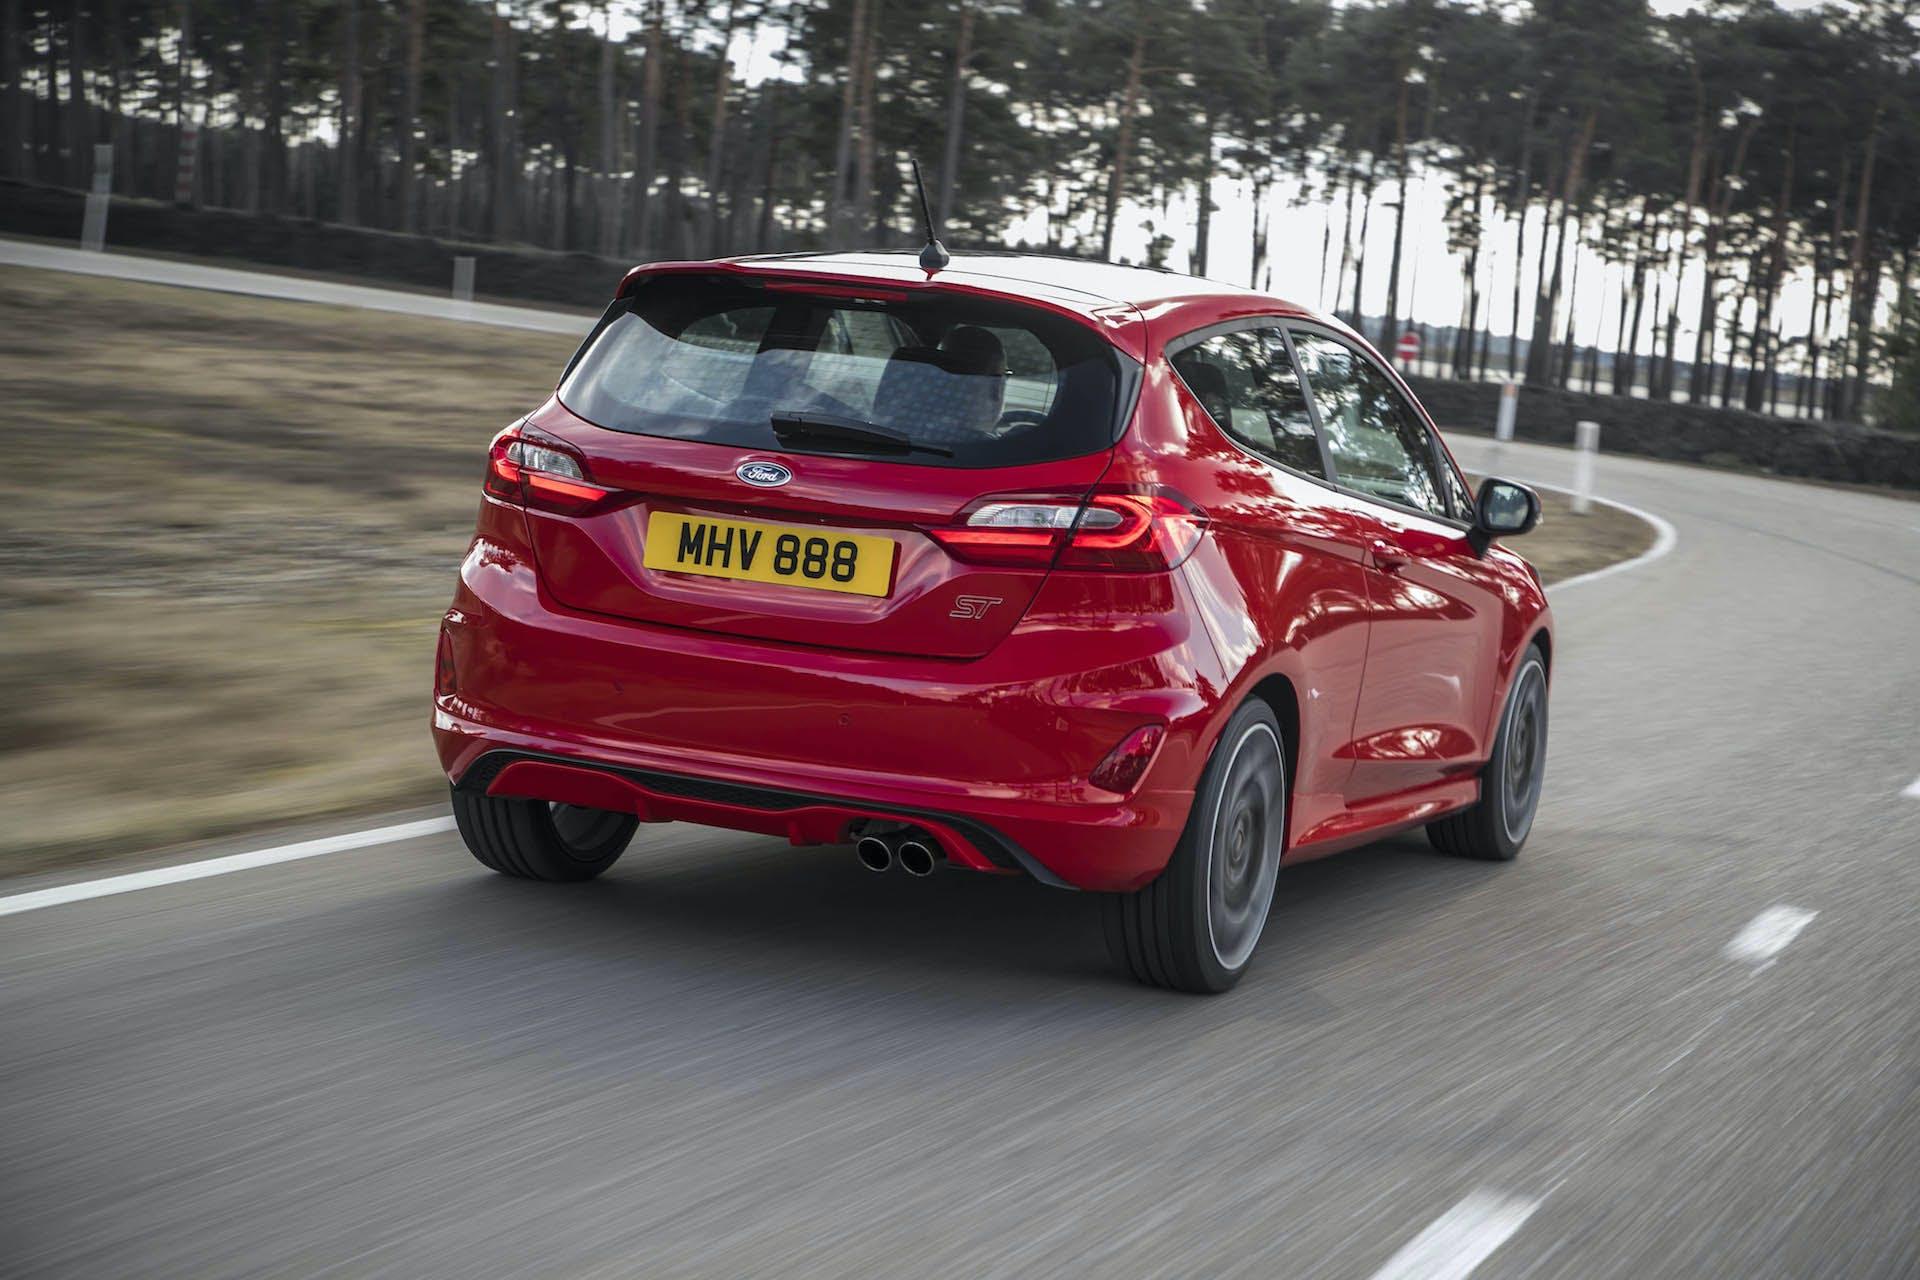 nuova ford fiesta st rossa posteriore alberi pista